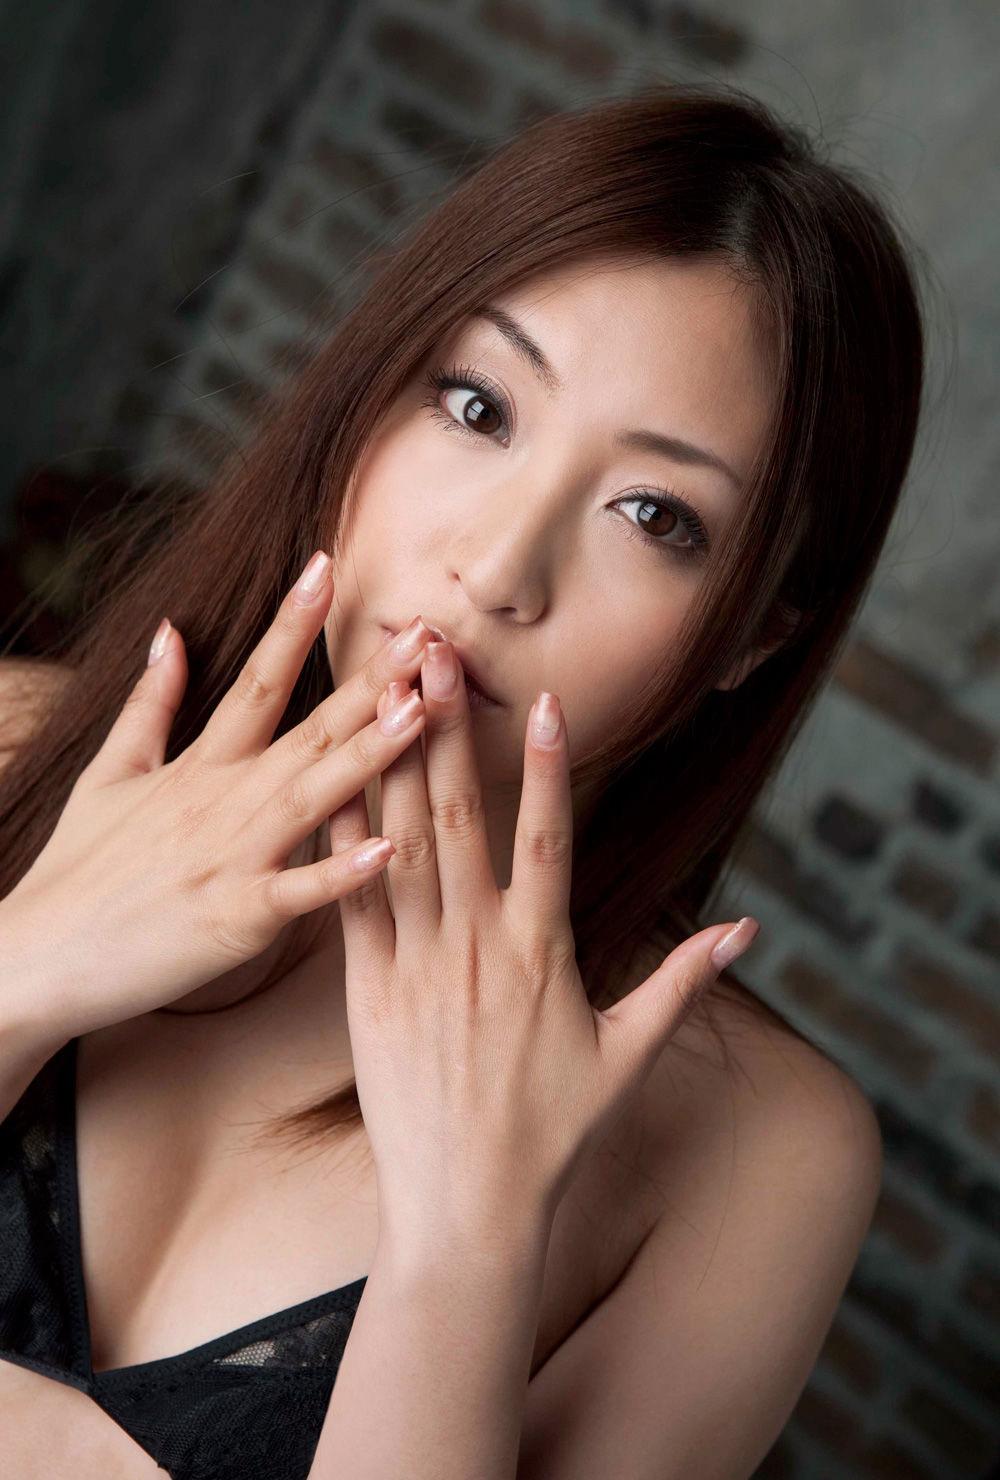 辰巳奈都子 画像 掲示板 90